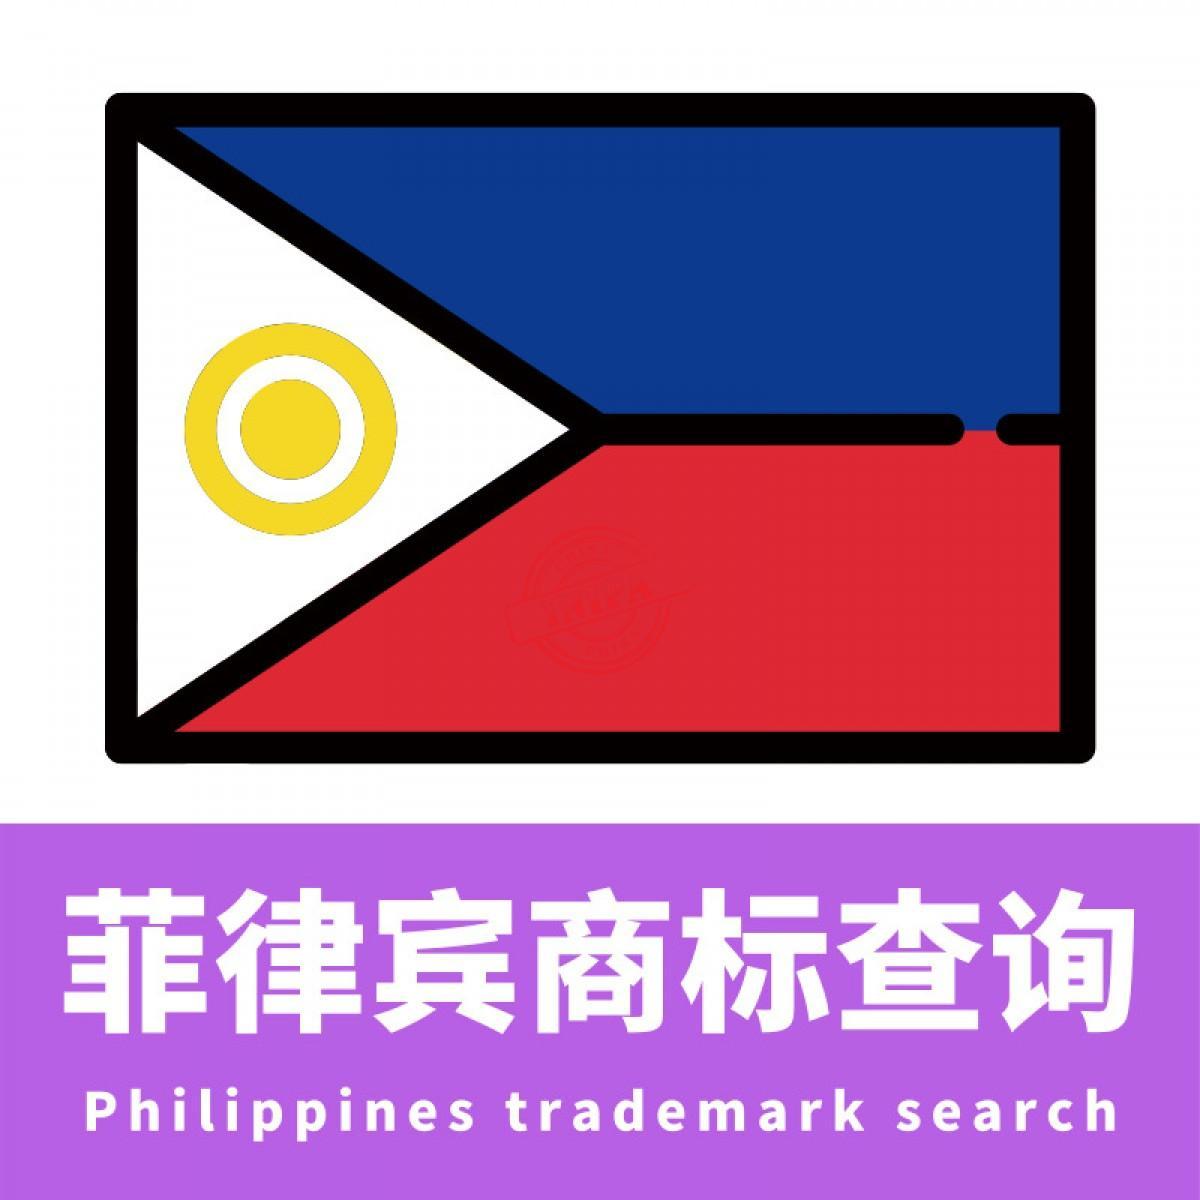 菲律宾商标查询/Philippines trademark search